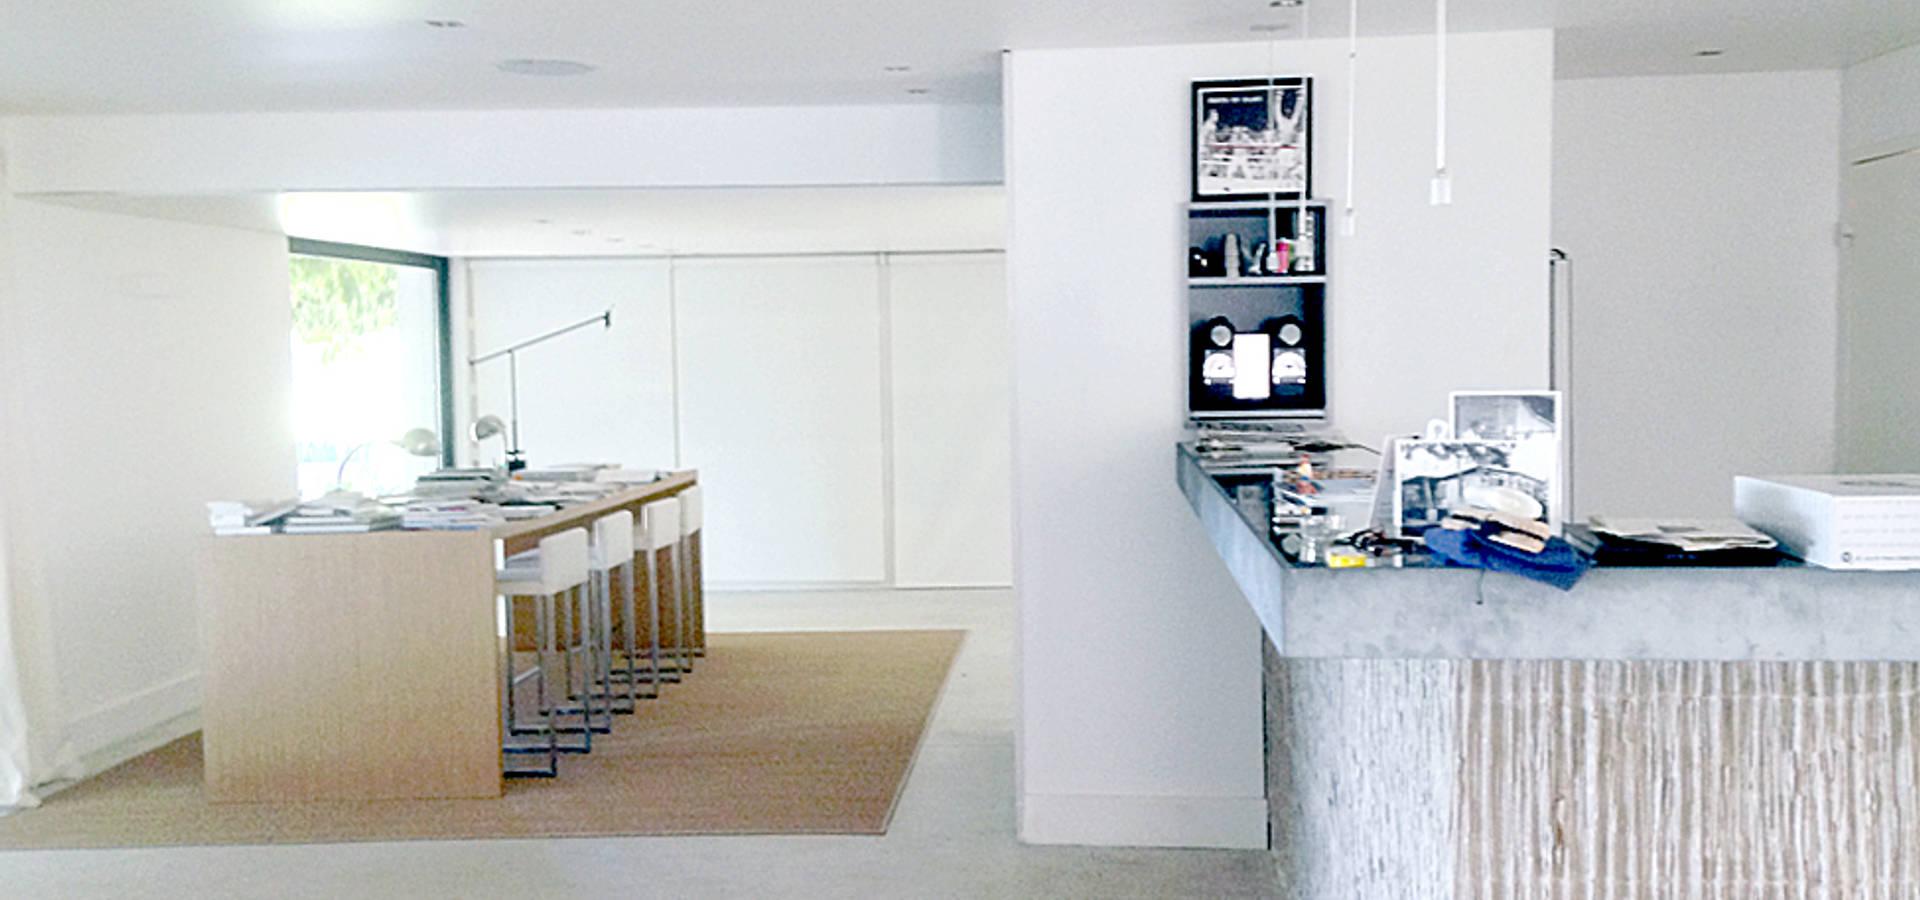 maison espace top w cottage bien fentr plafond u plafond cathdrale espace boni ch with maison